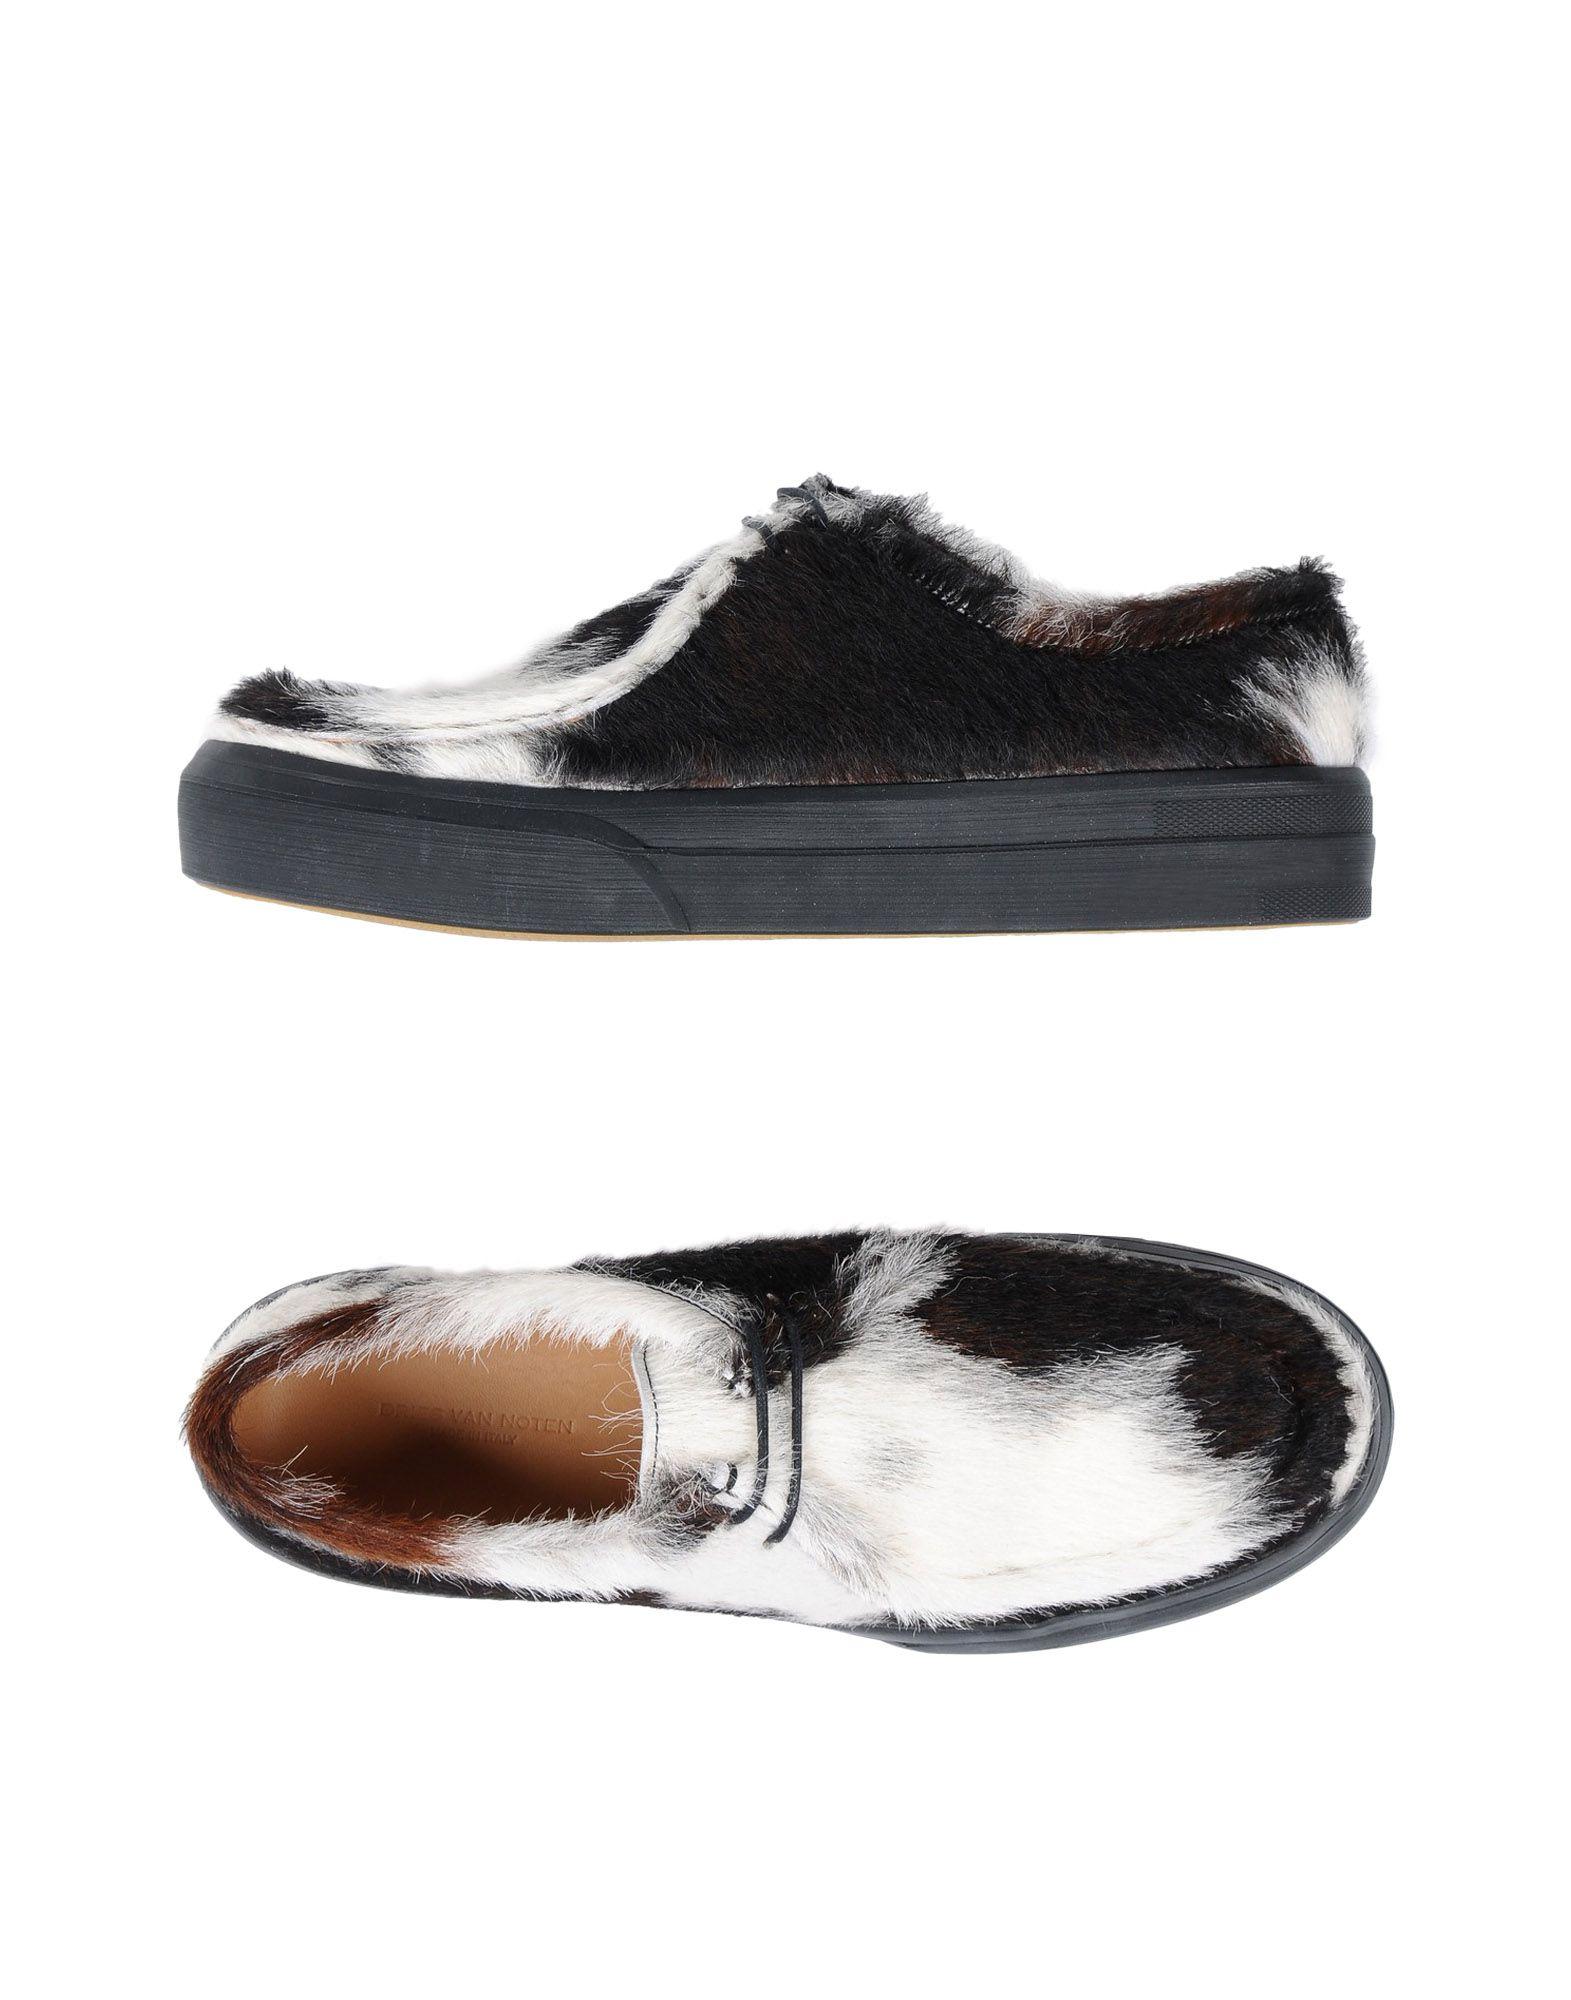 Dries Van Noten Schnürschuhe Herren  11501385GL Gute Qualität beliebte Schuhe